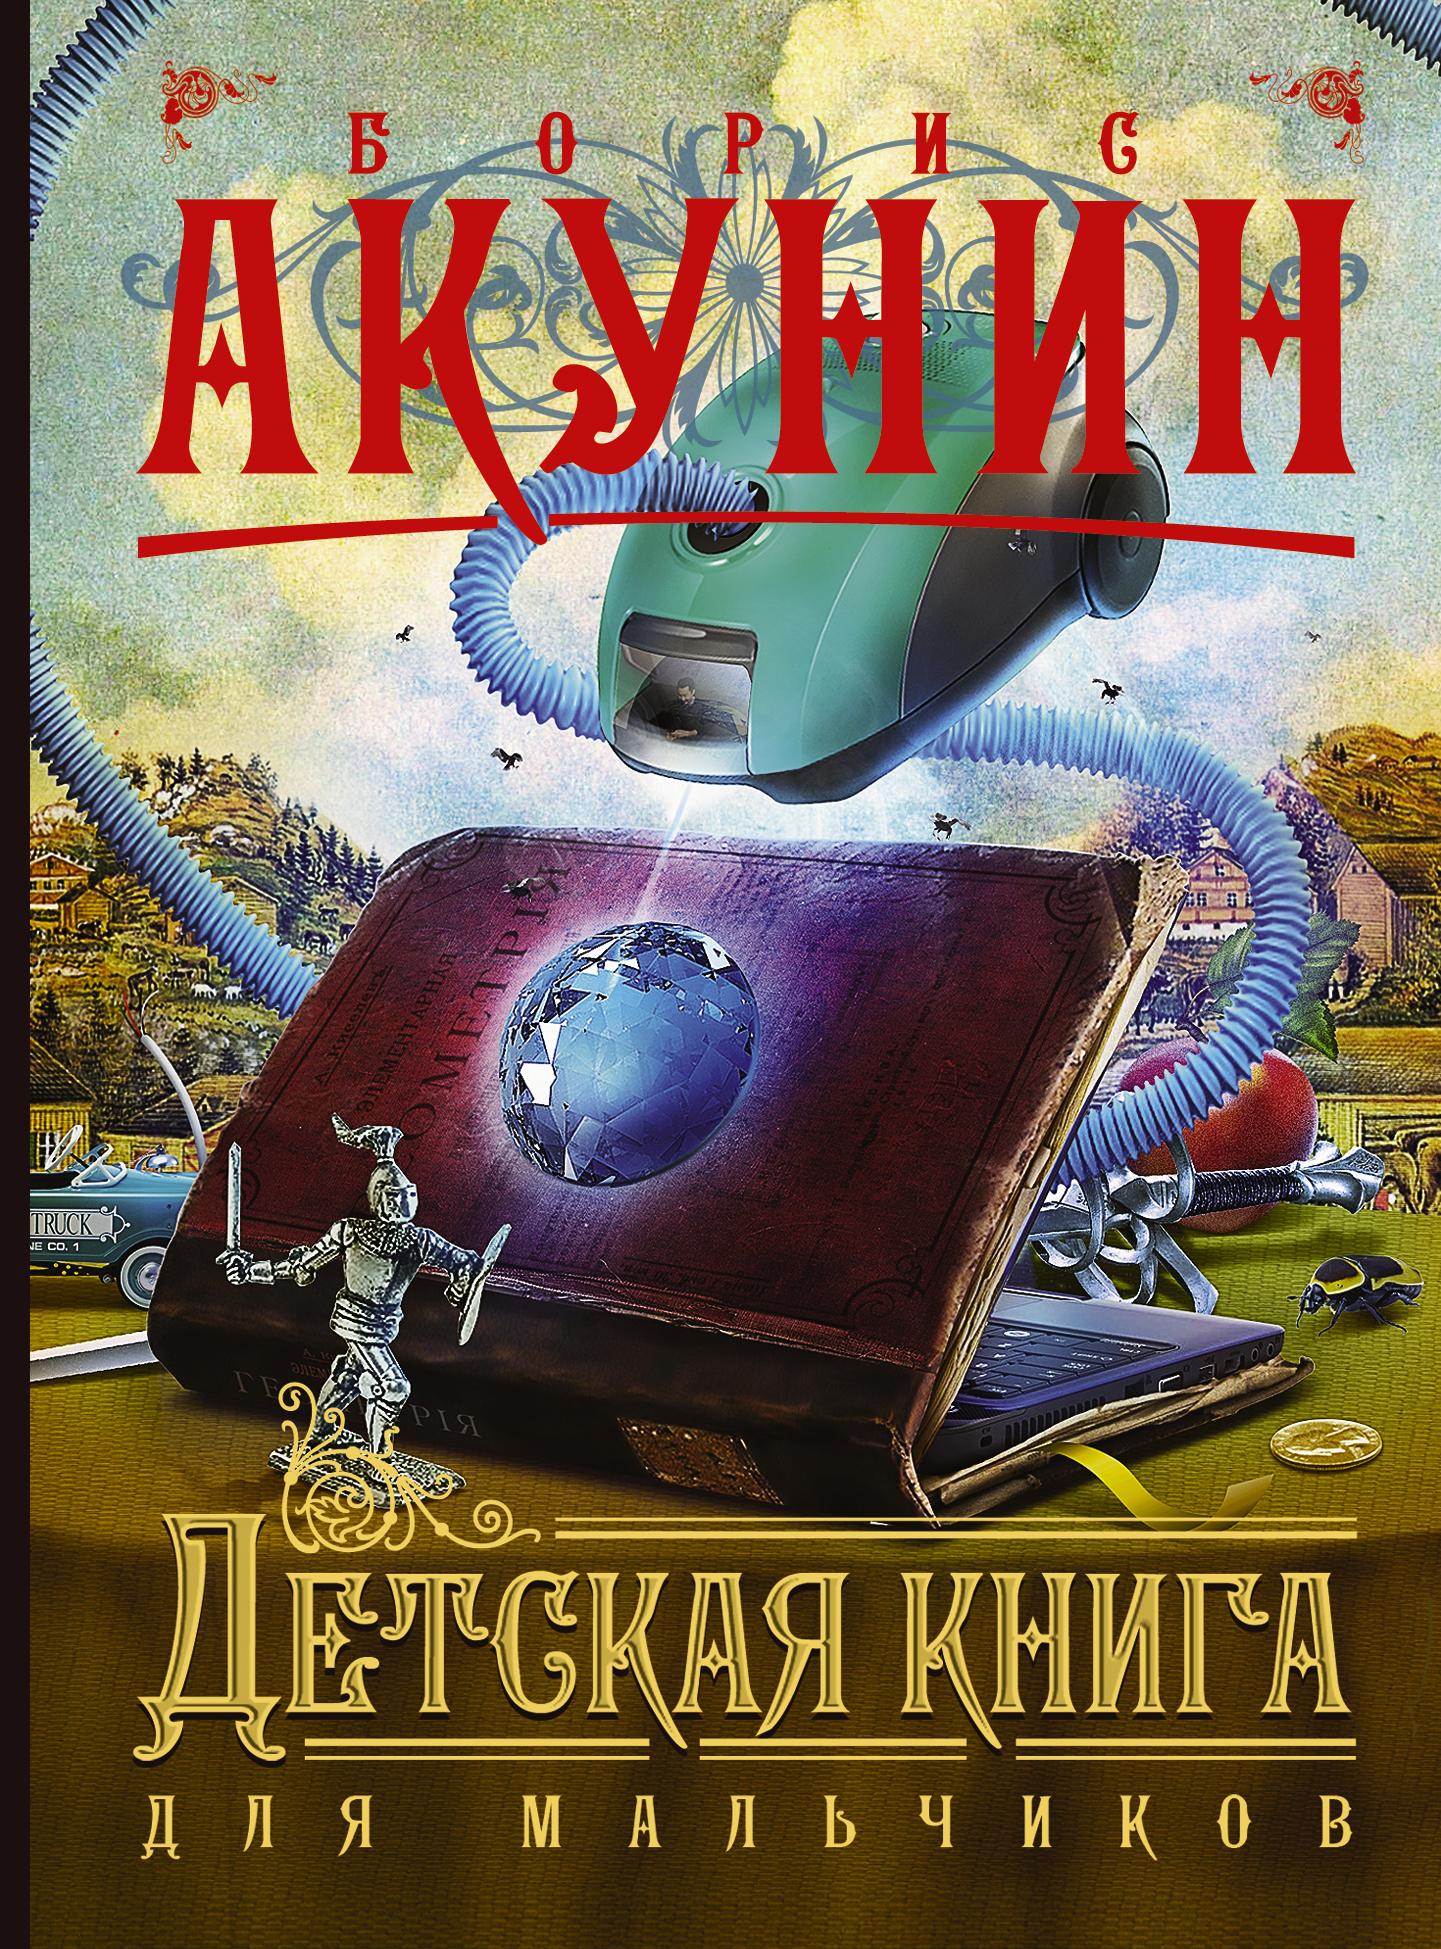 Борис Акунин Детская книга для мальчиков борис акунин детская книга